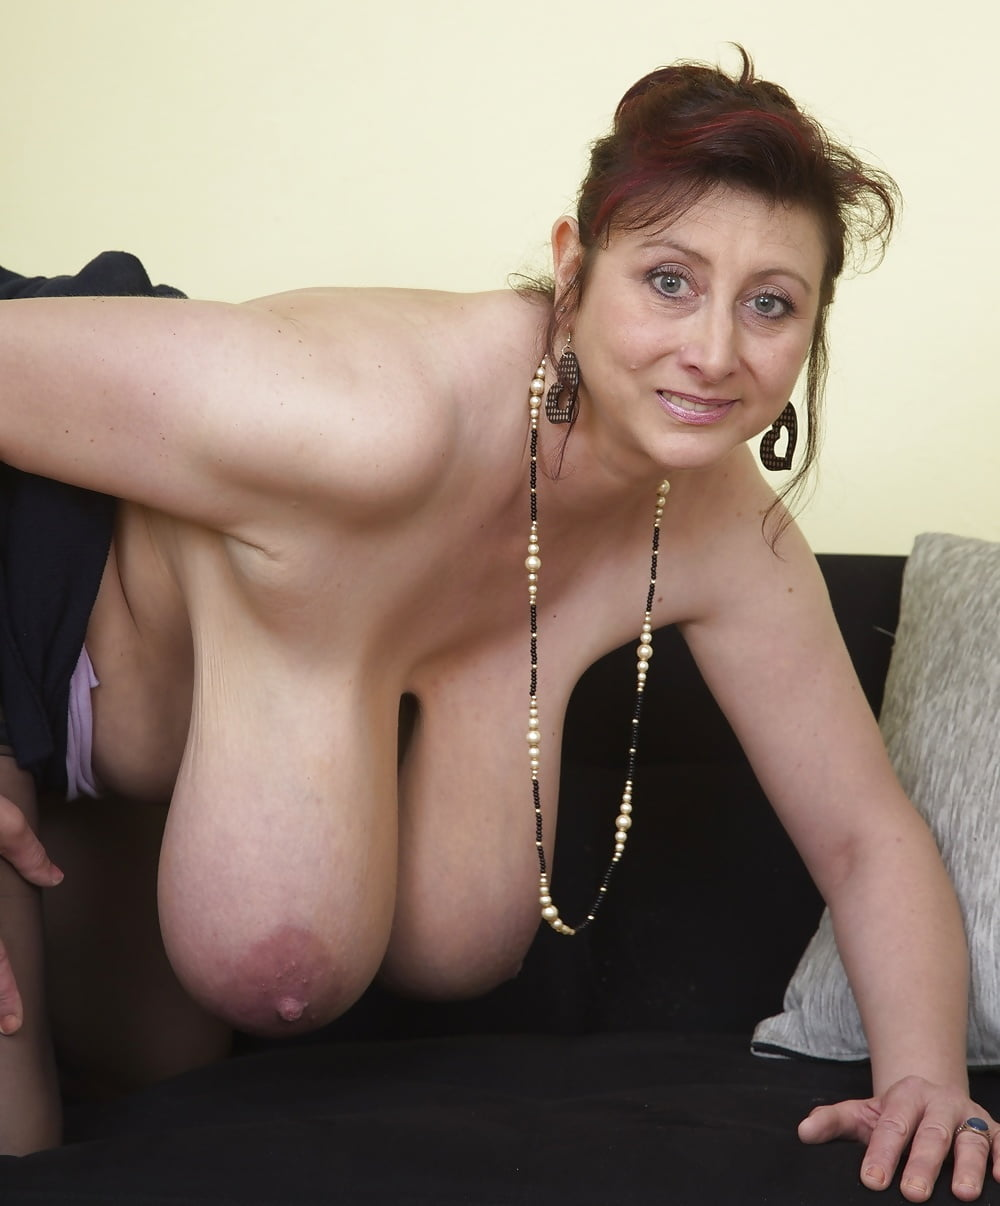 Mature natural tits porn pics